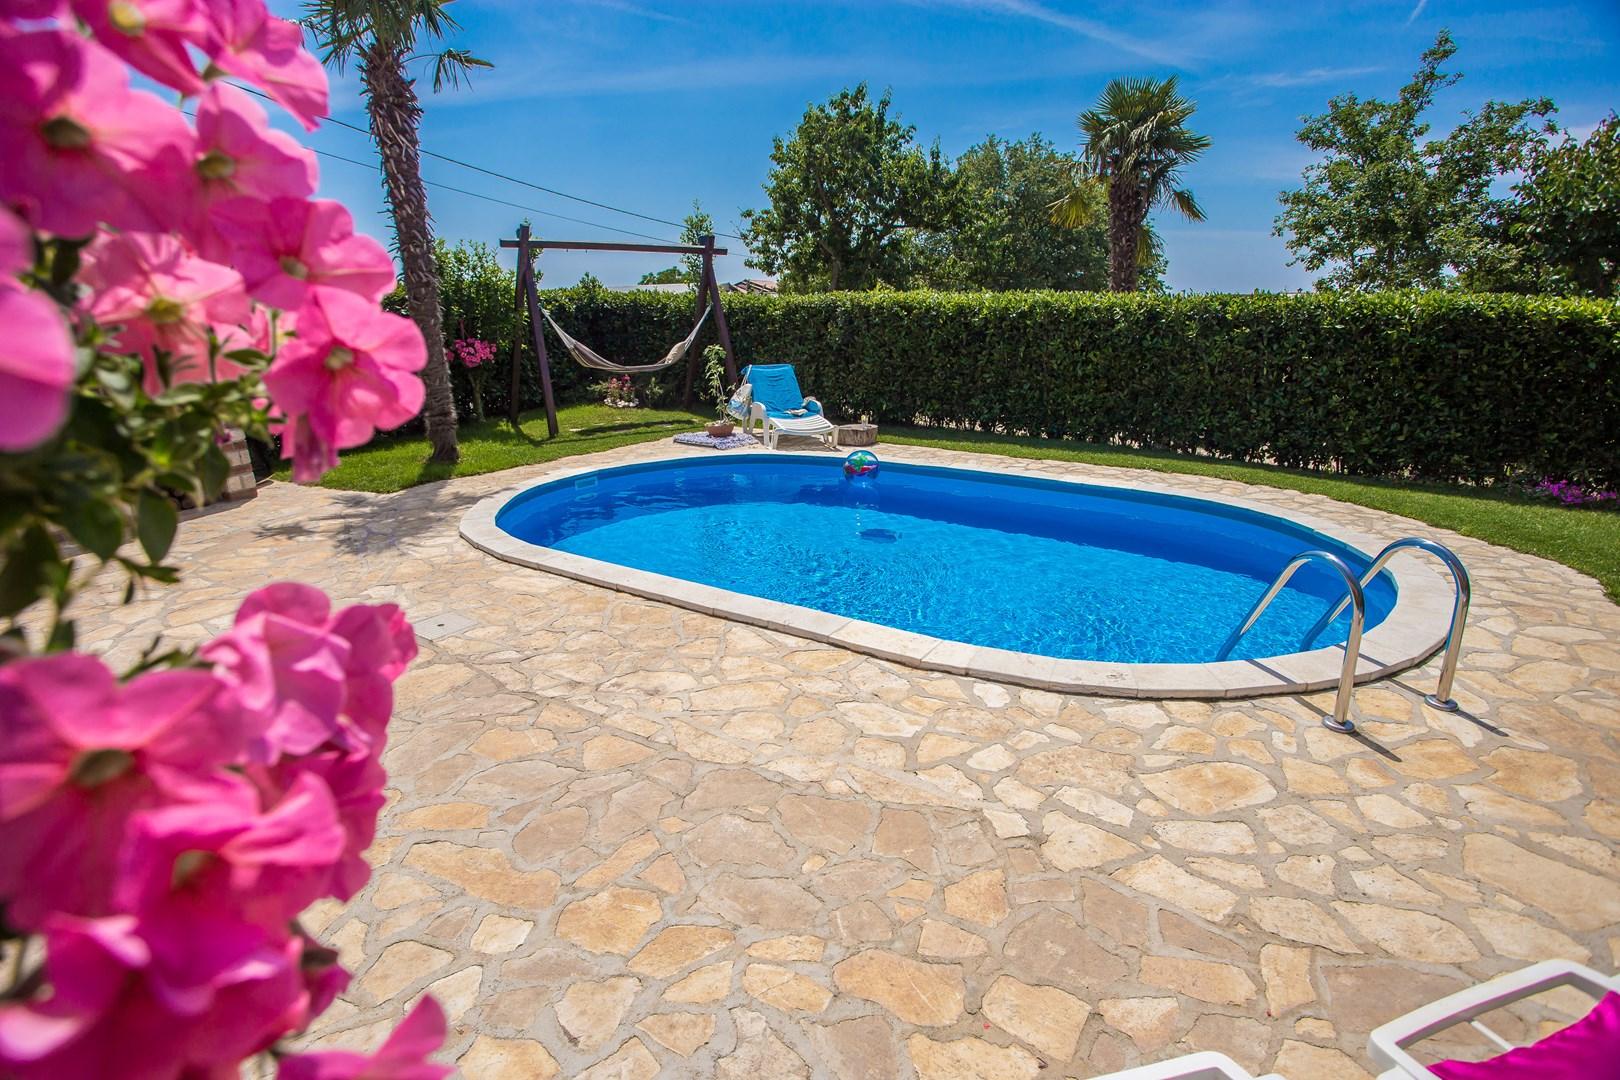 Ferienhaus Marinela mit privatem Pool (1412599), Kanfanar, , Istrien, Kroatien, Bild 19